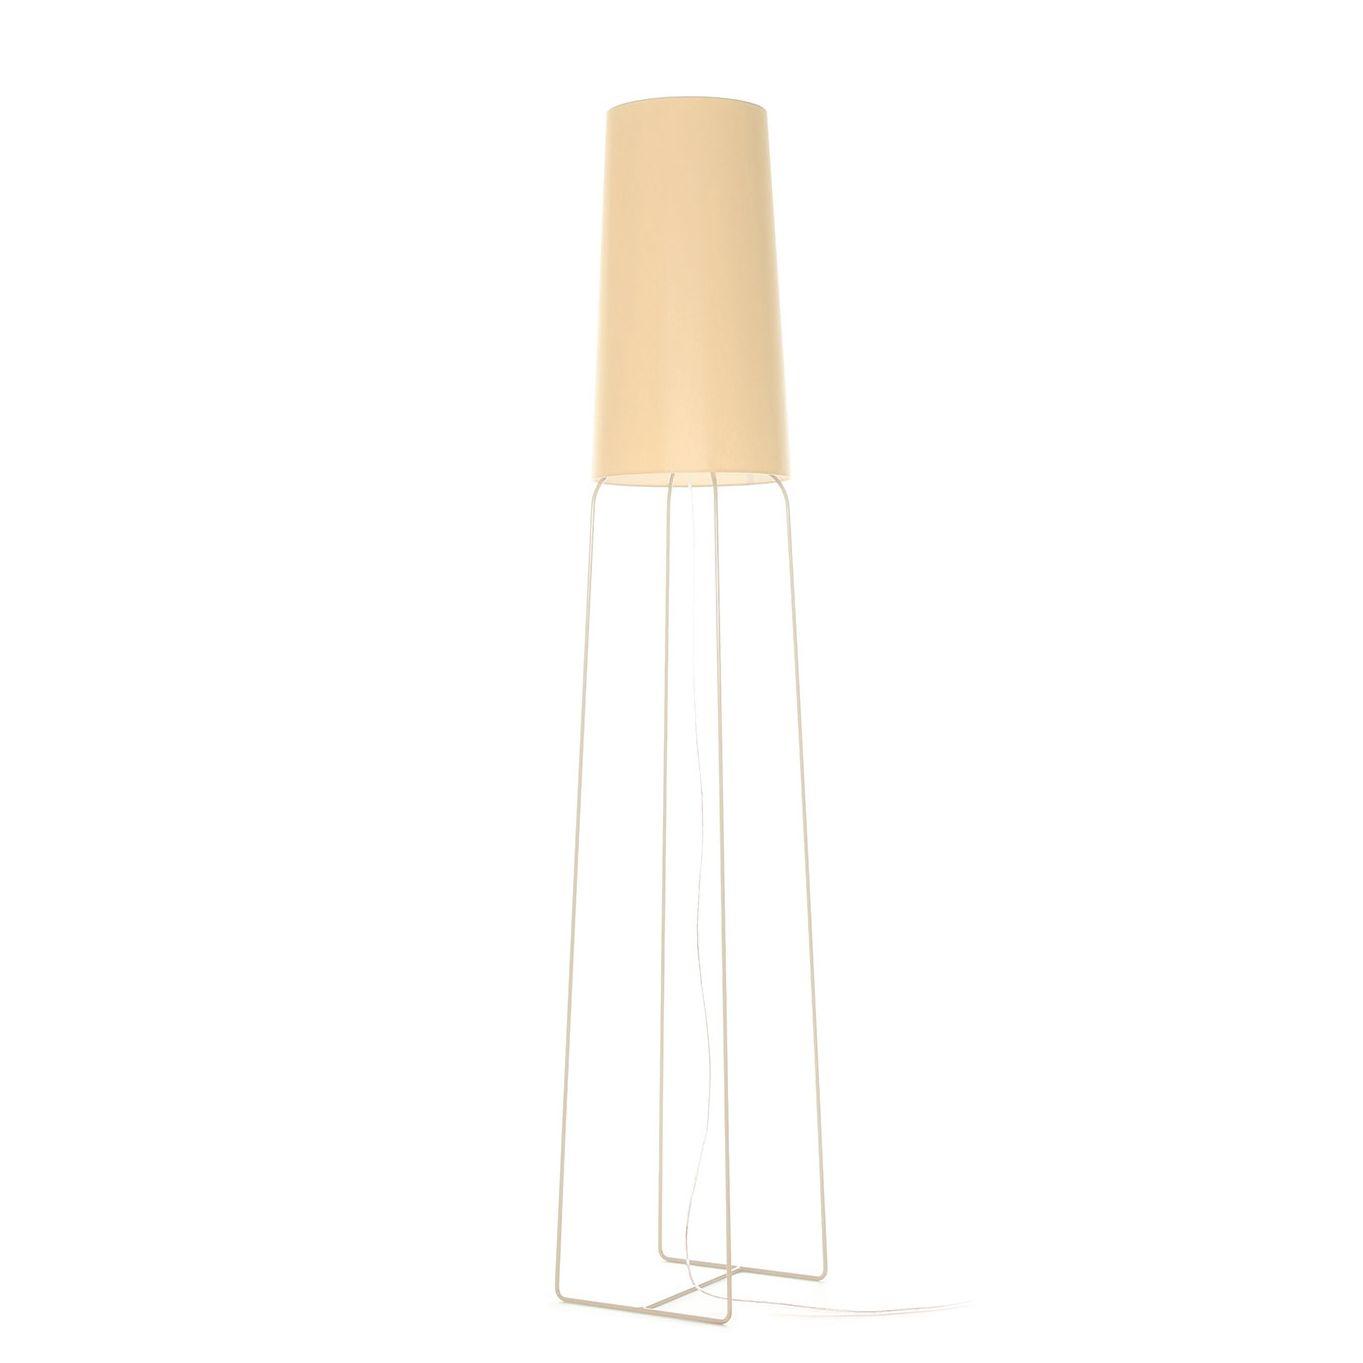 SlimSophie vloerlamp FrauMaier lichtbruin